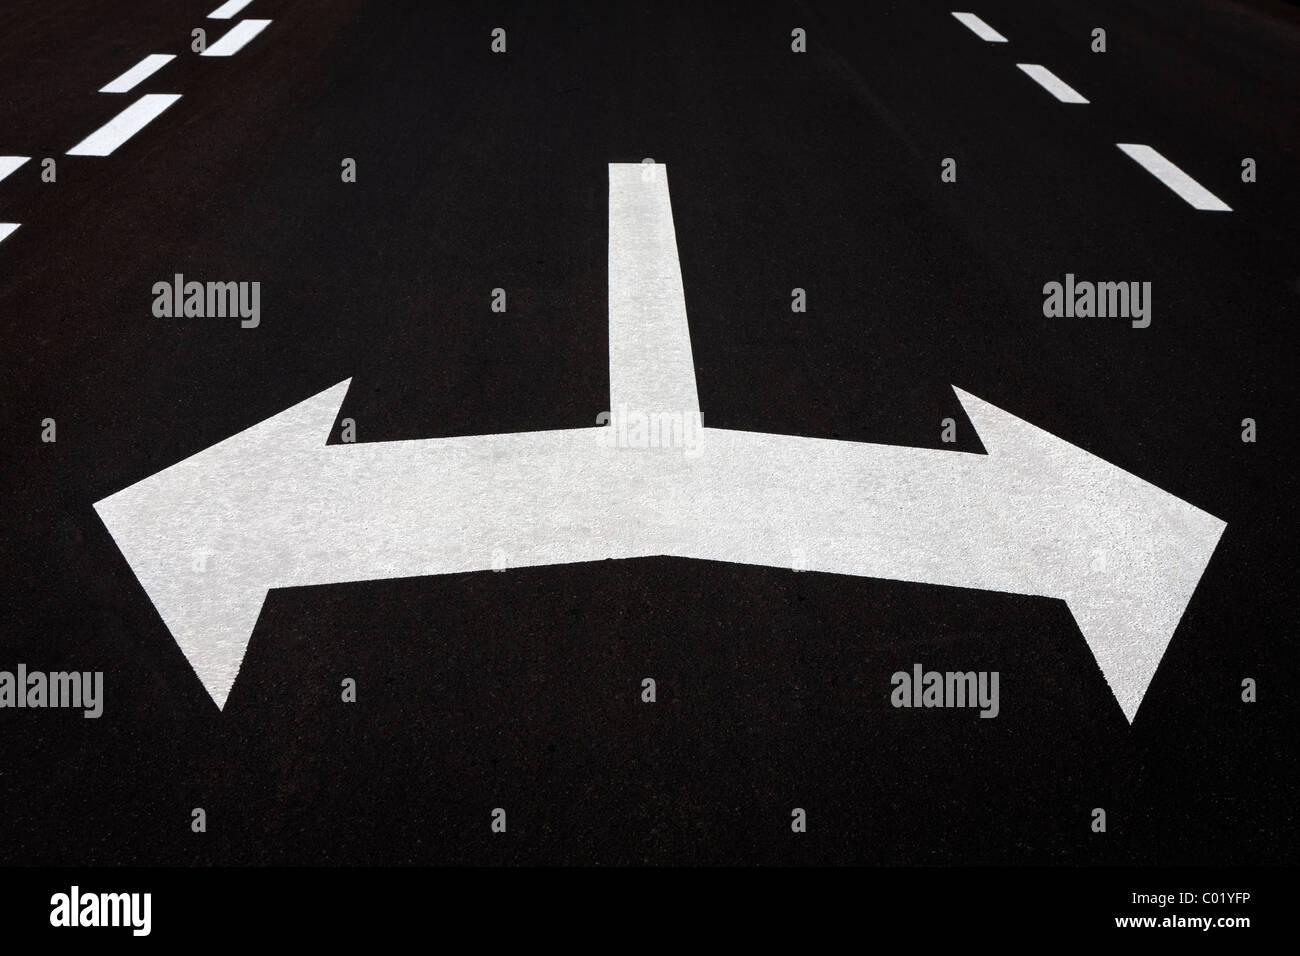 A sinistra e a destra frecce dipinte su asfalto stradale. Concetto di tornitura, decisione, scelta, in che modo, Immagini Stock